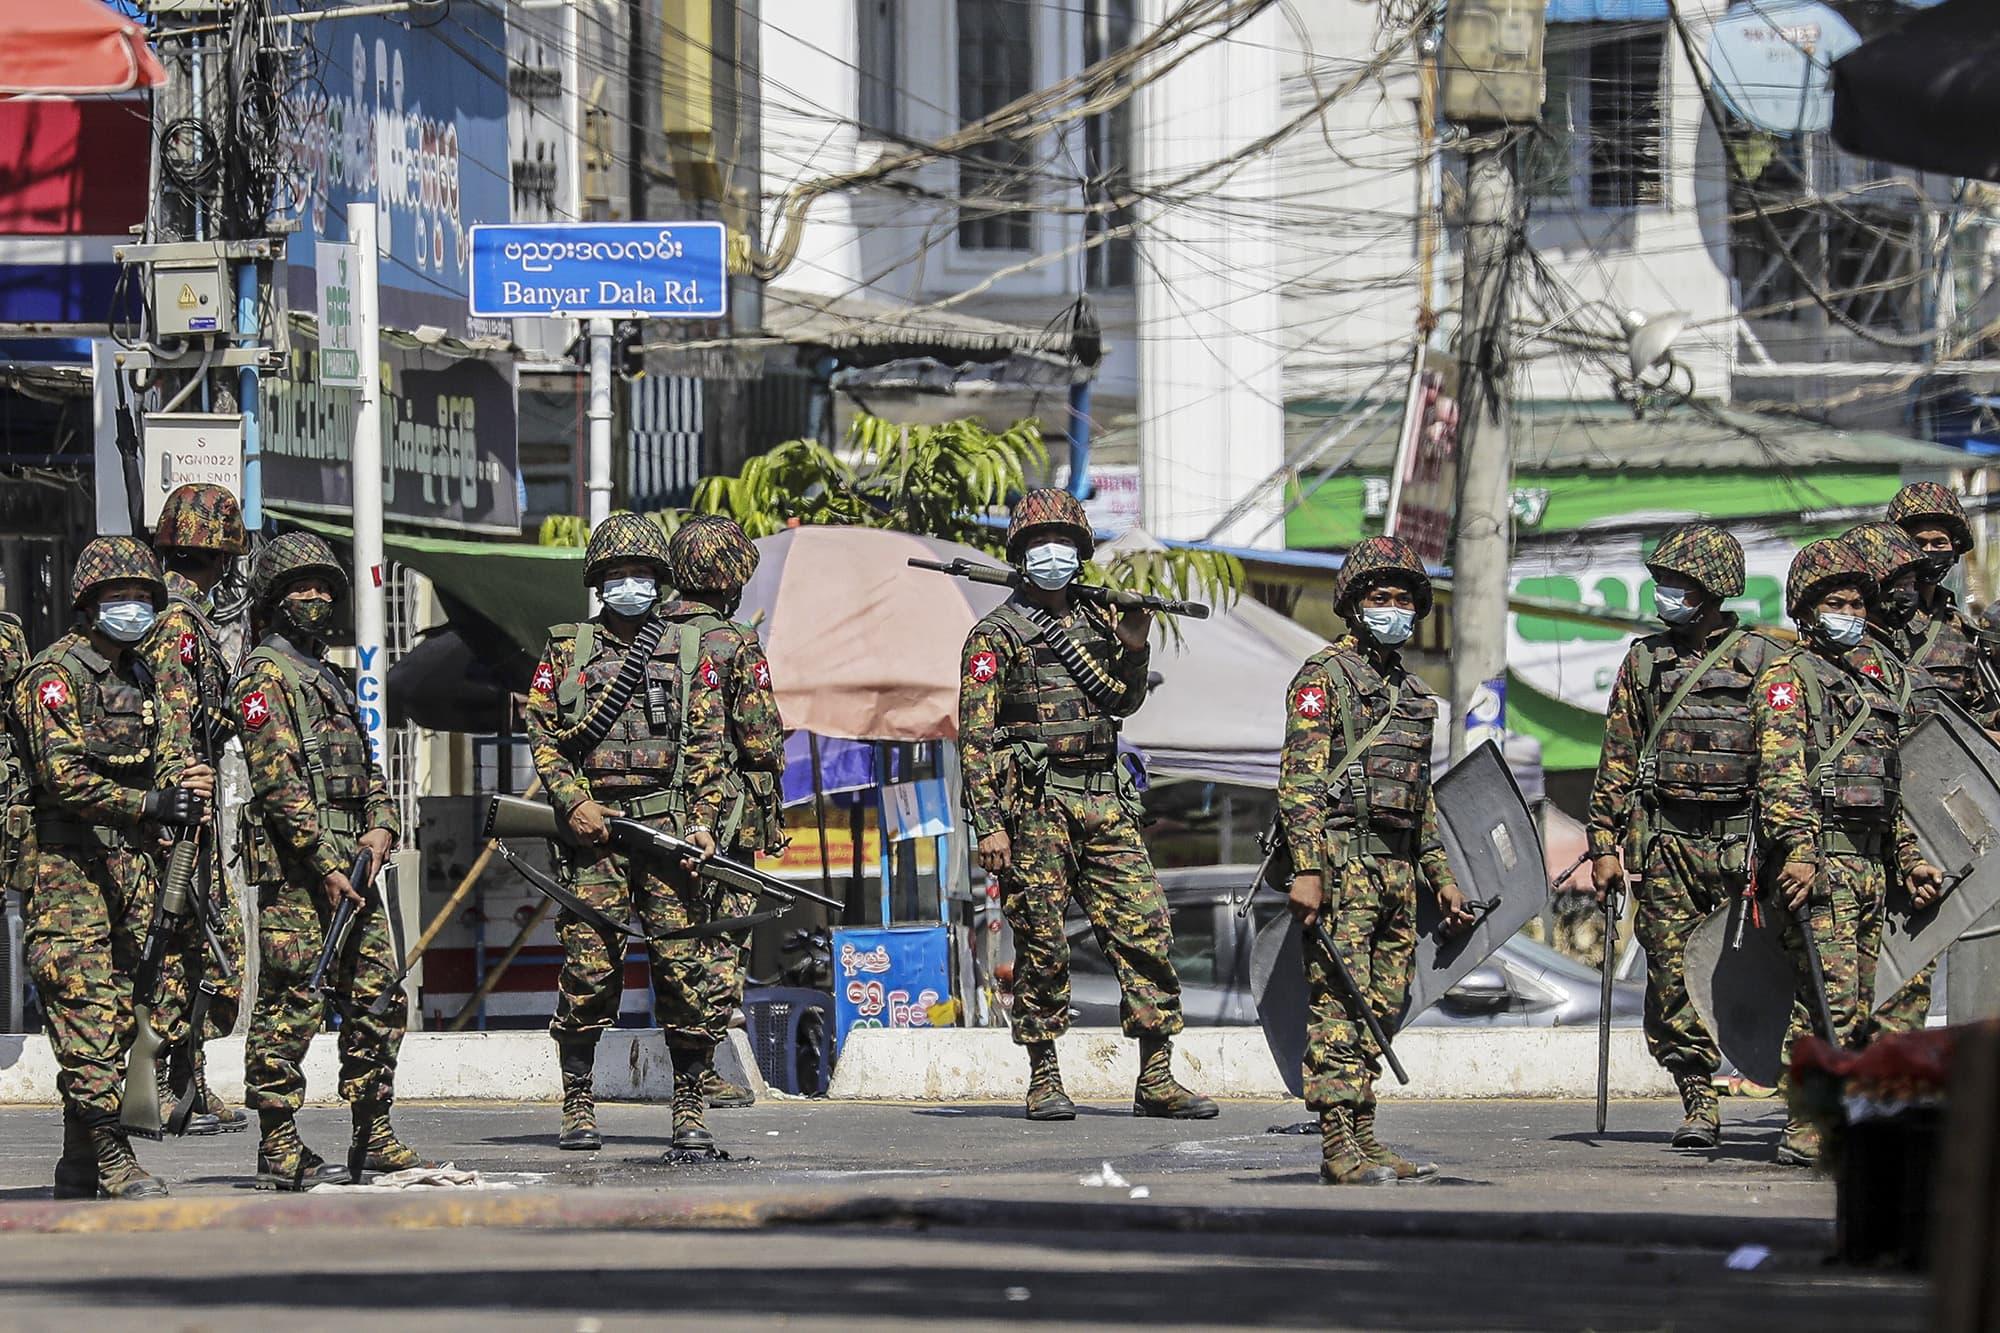 Myanmarin armeijan sotilaita Yangonin kadulla.